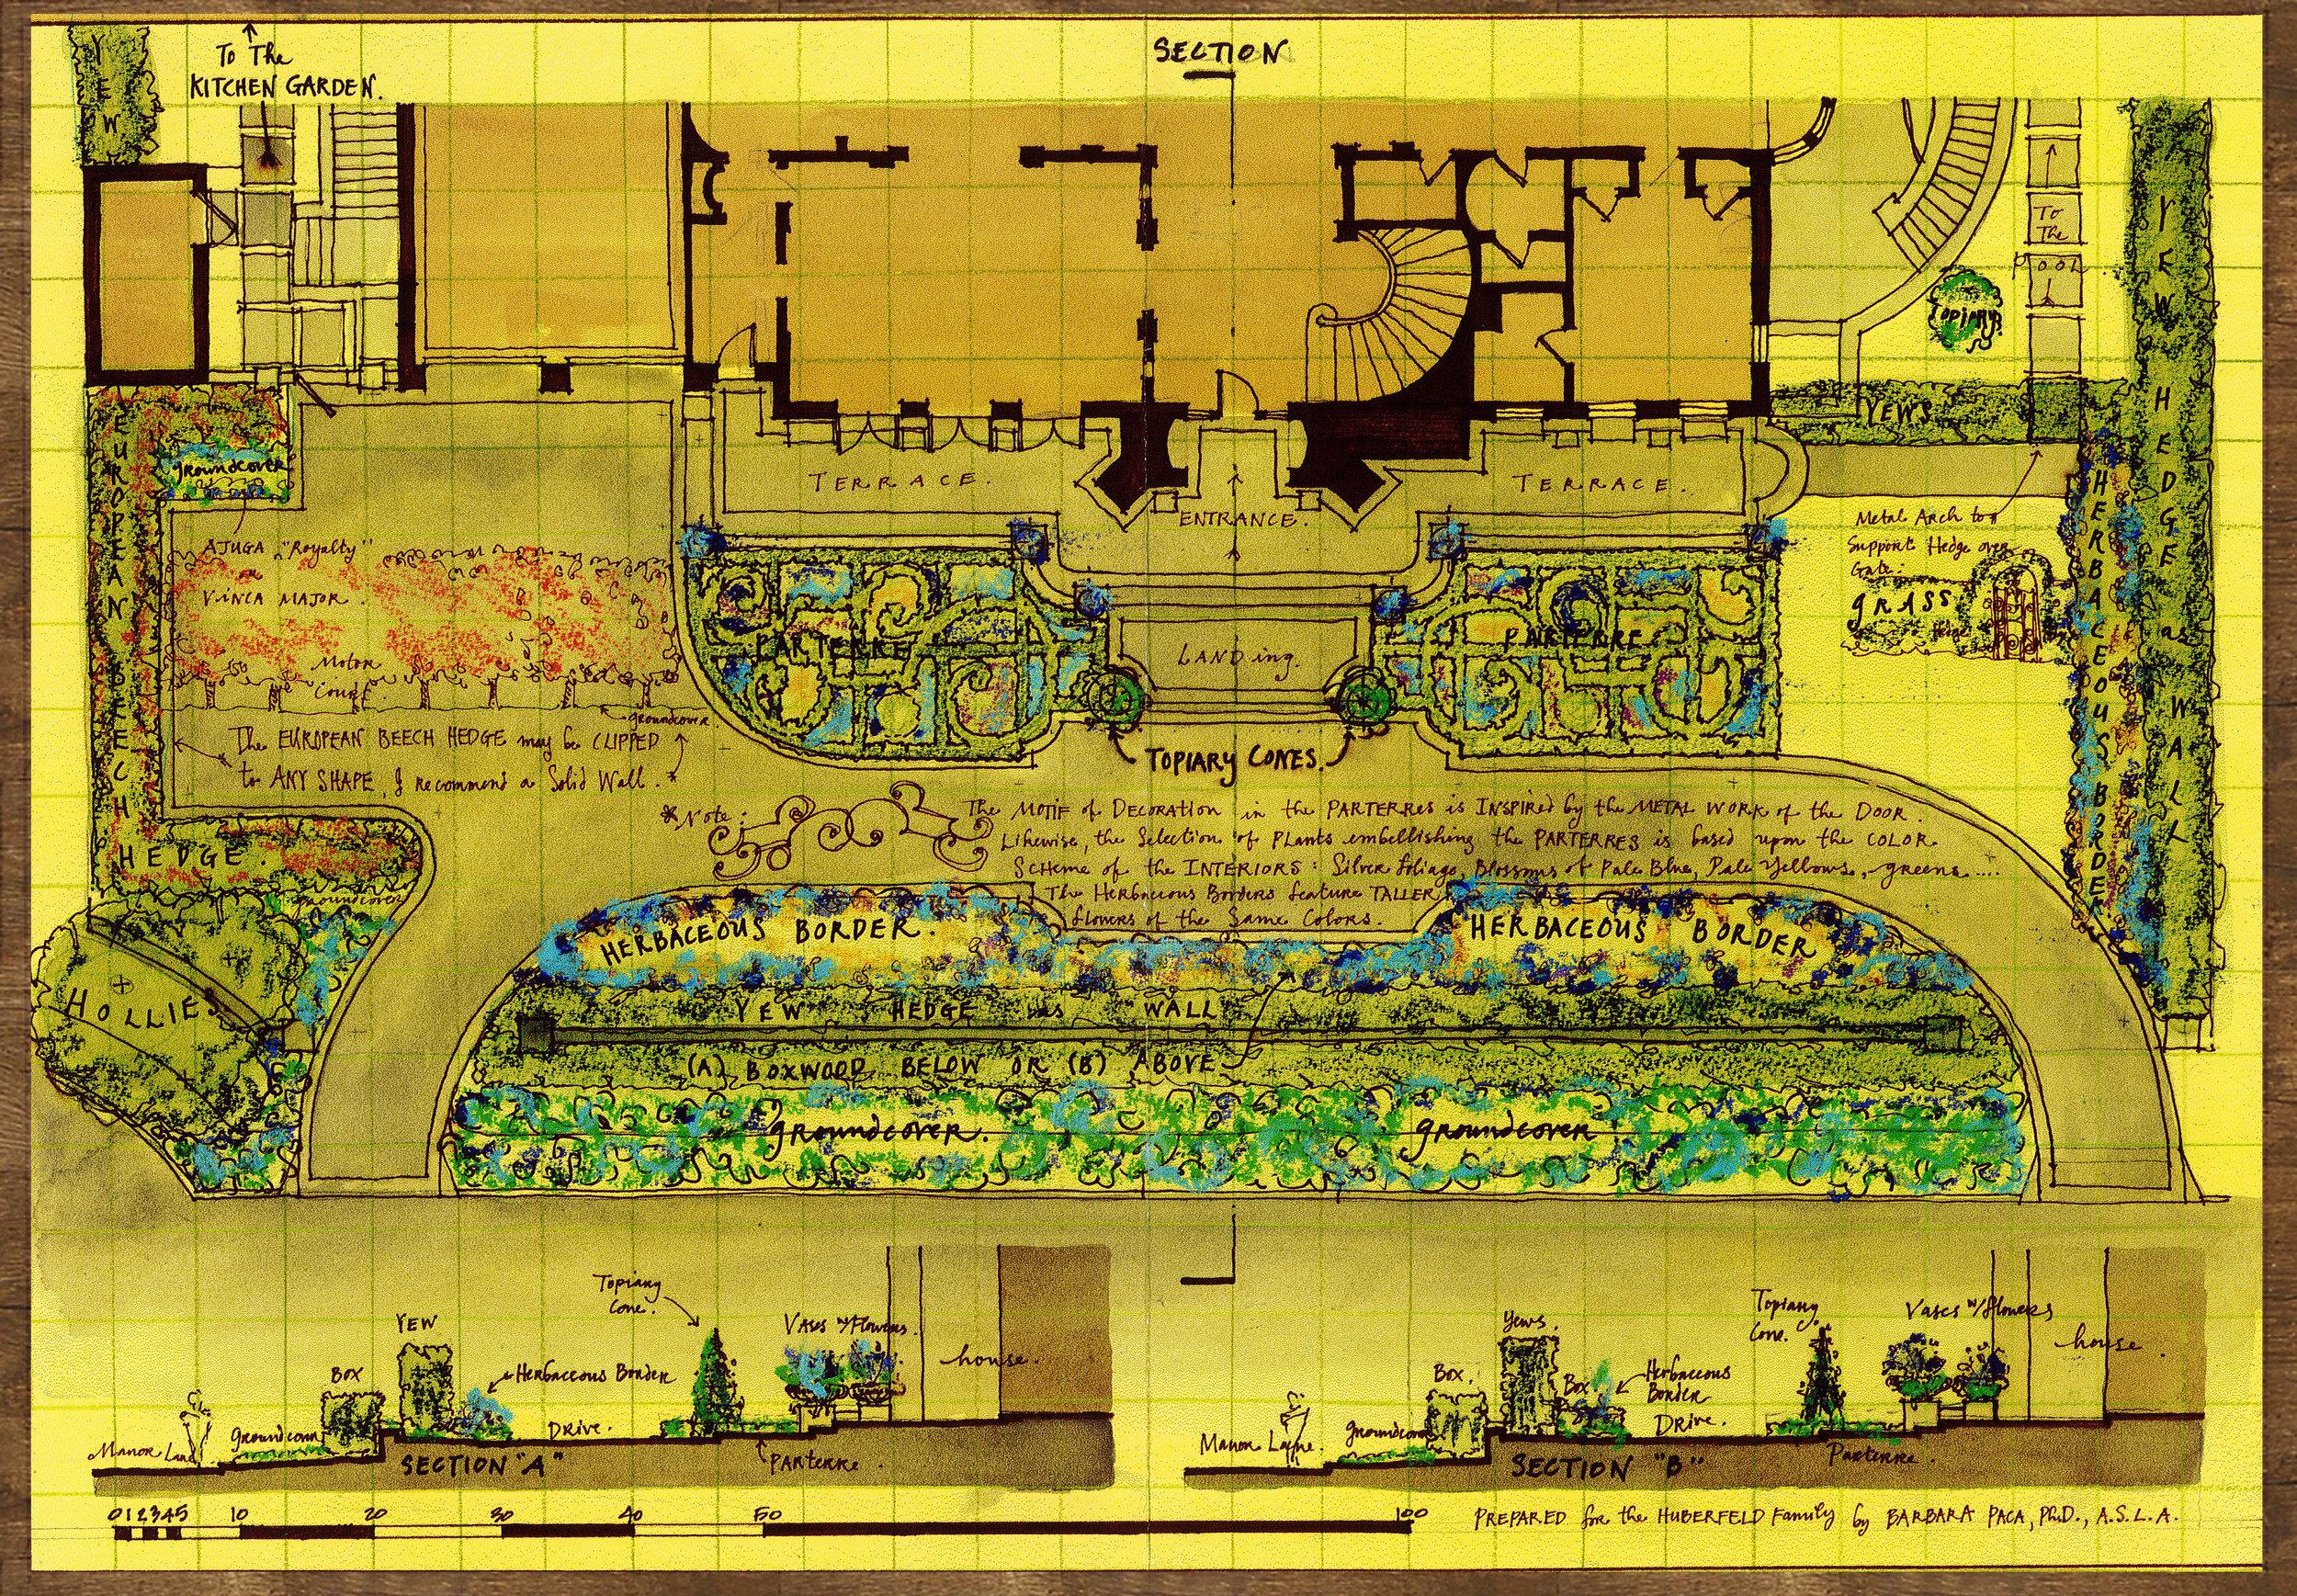 Huberfeld Residence_Rendered Landscape JPG for Website_2002.jpg